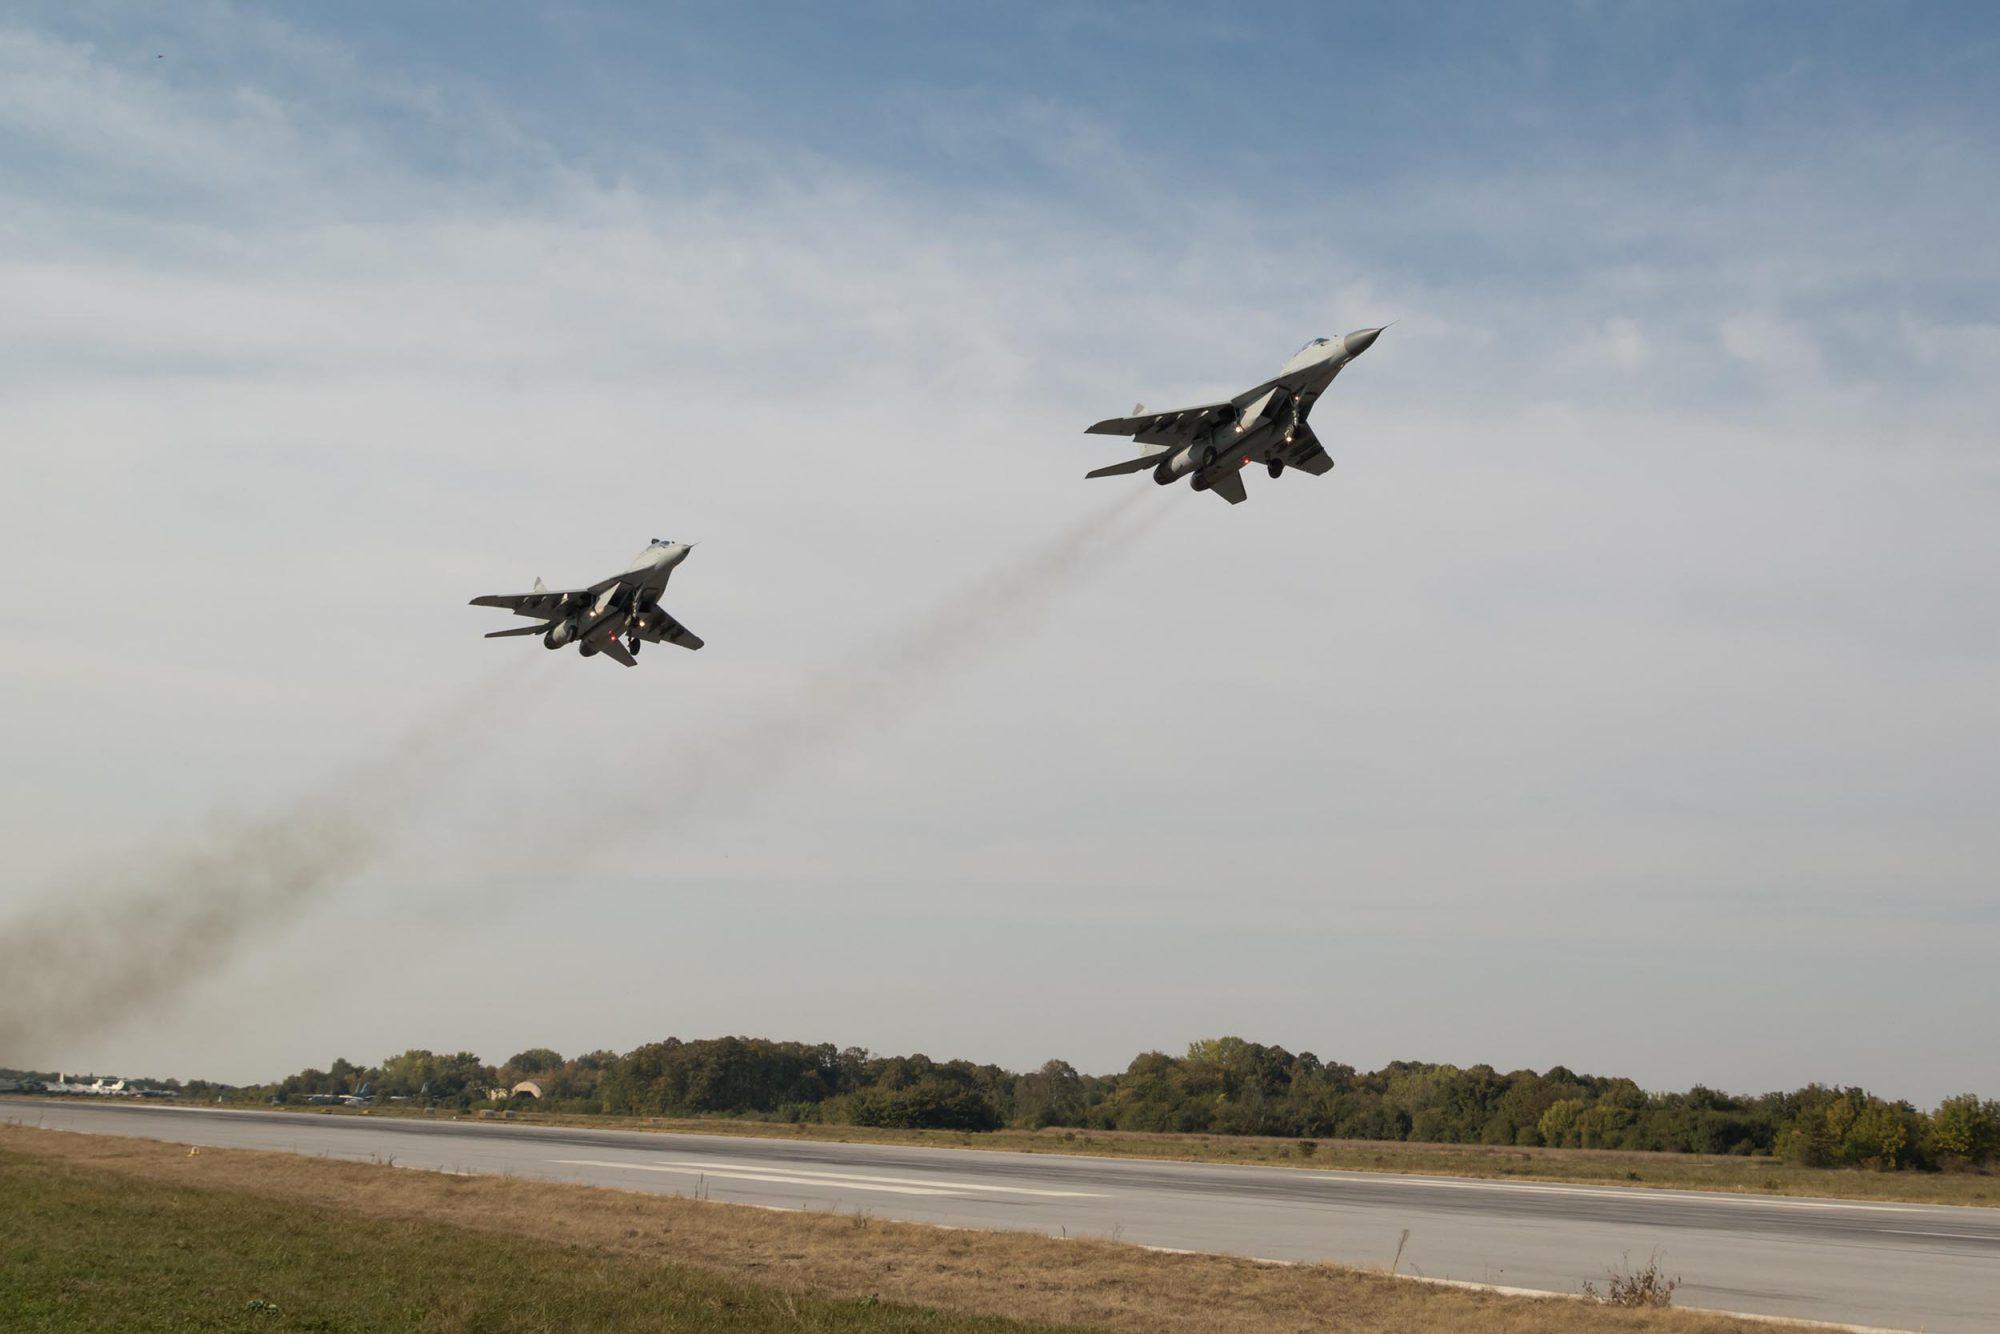 Μεικτά πληρώματα Ρώσων και Σέρβων πιλότων σε αεροπορική άσκηση